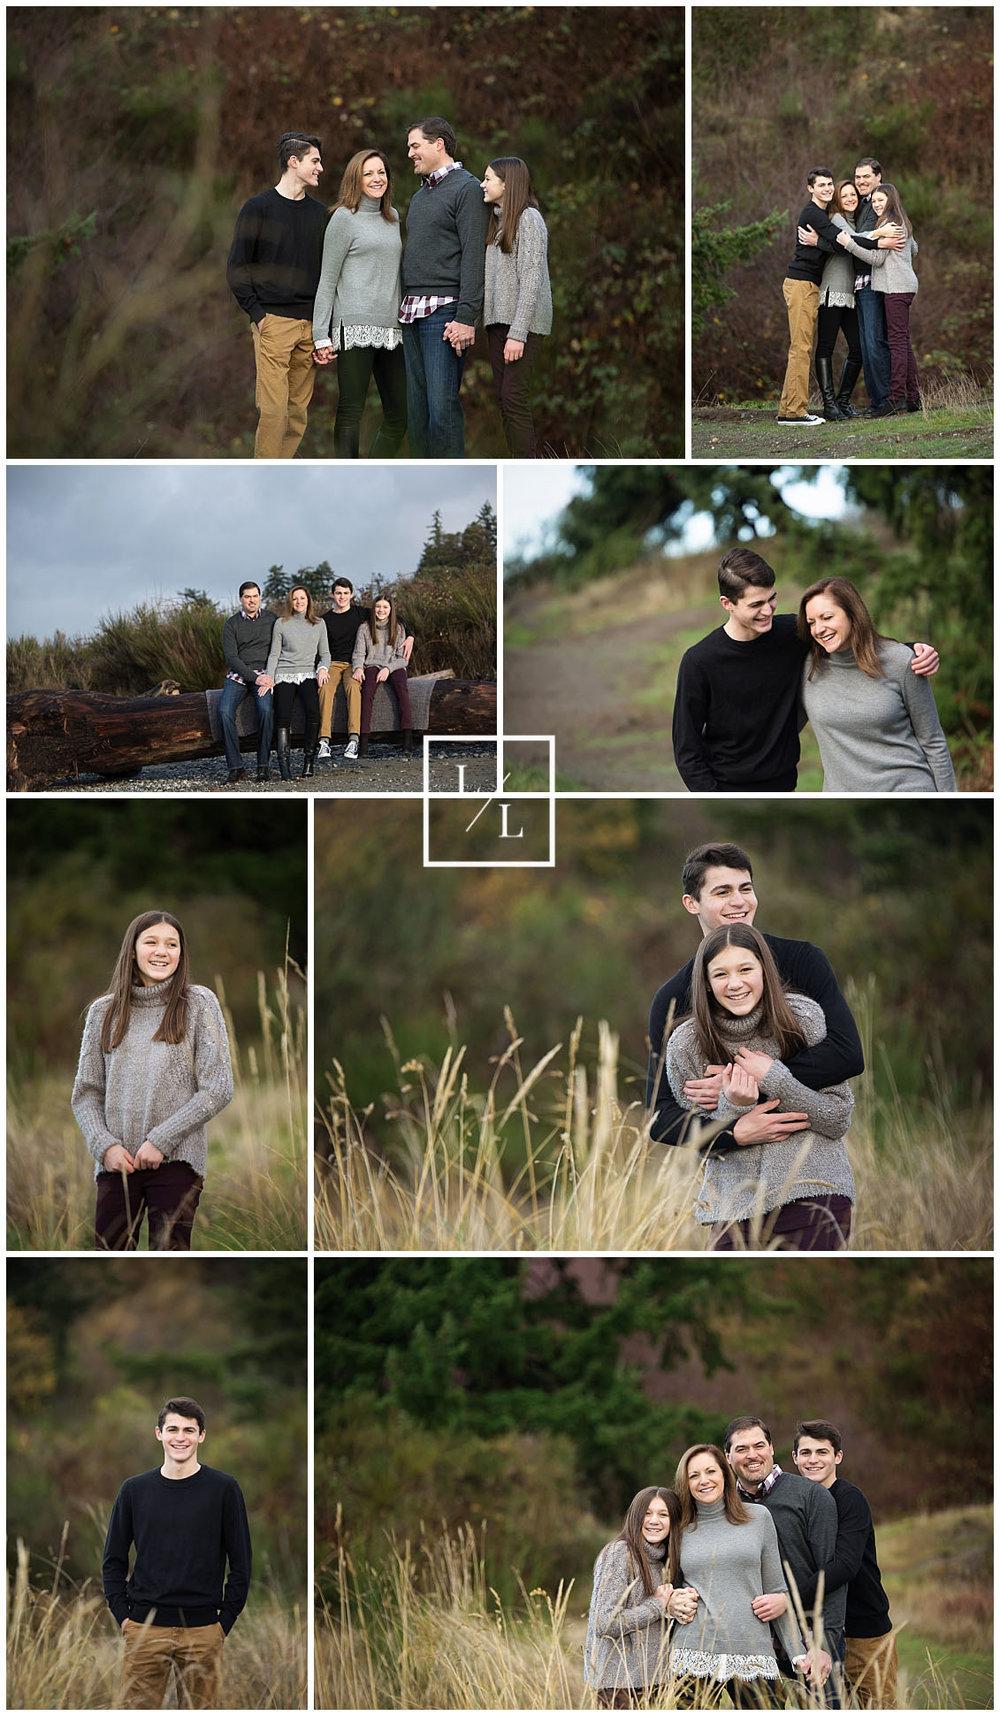 Family Photography Richmond Beach